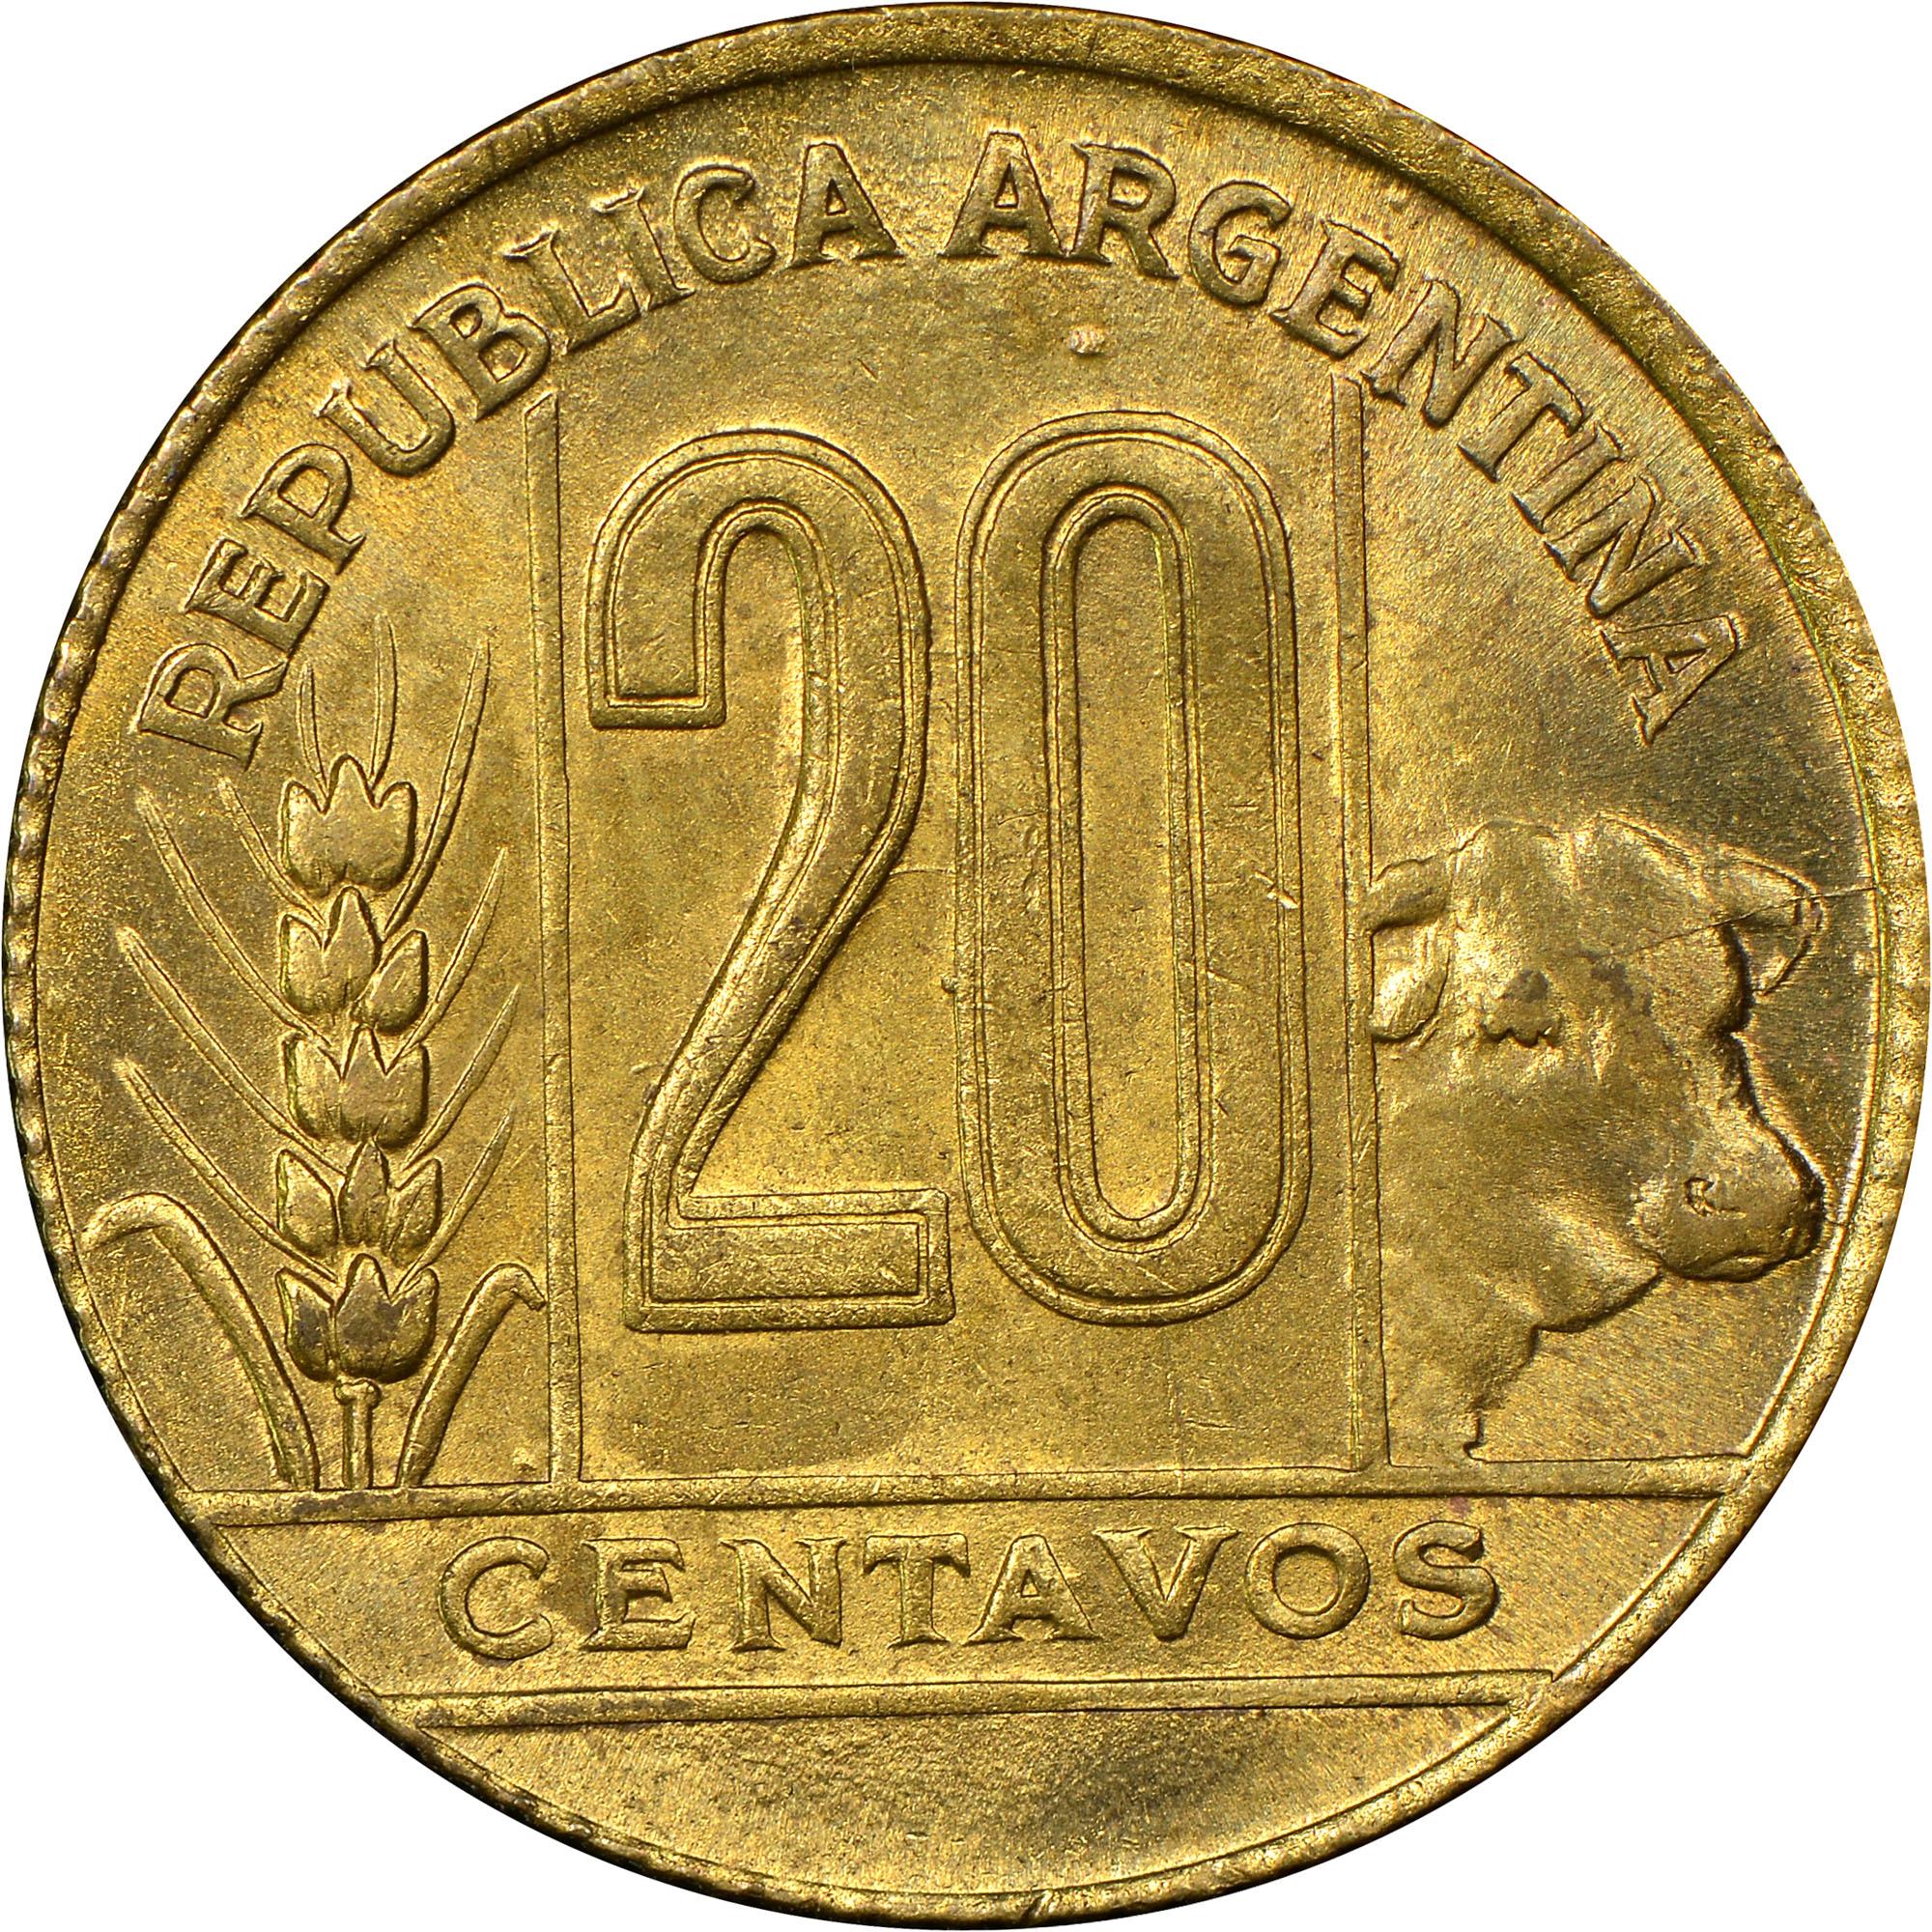 Argentina 20 Centavos obverse